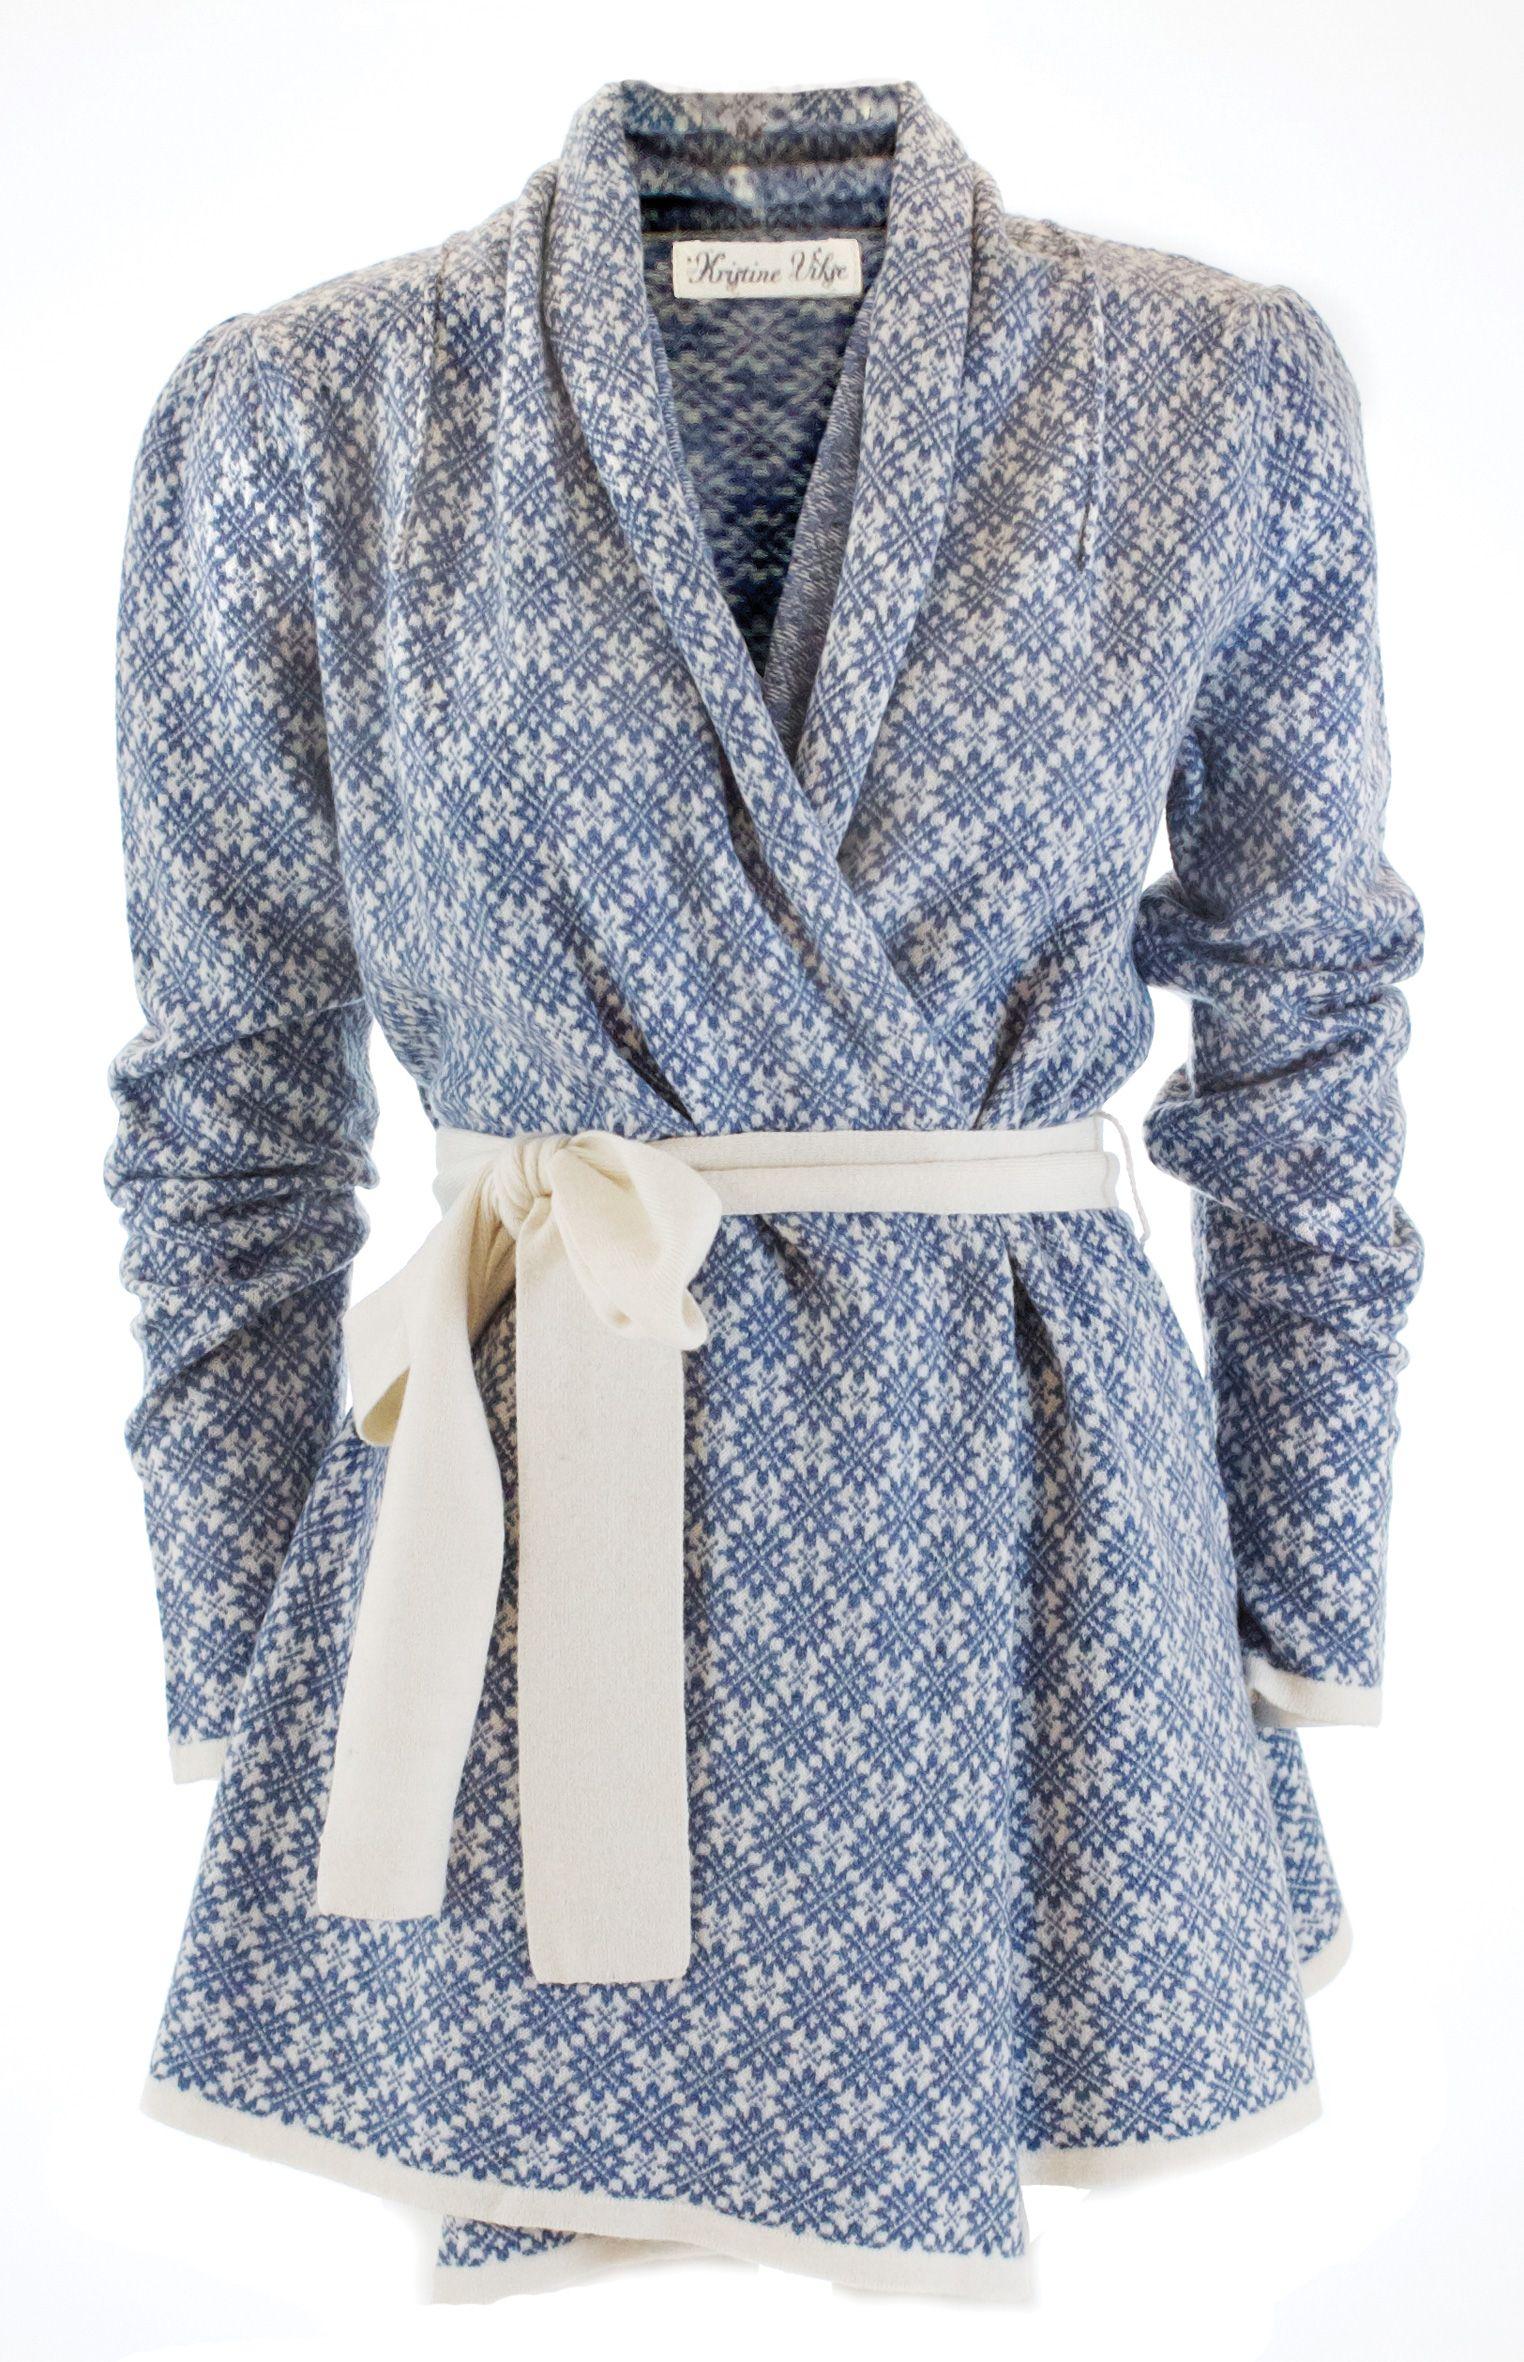 Knitjacket wool Kristine Vikse fall/winter 12